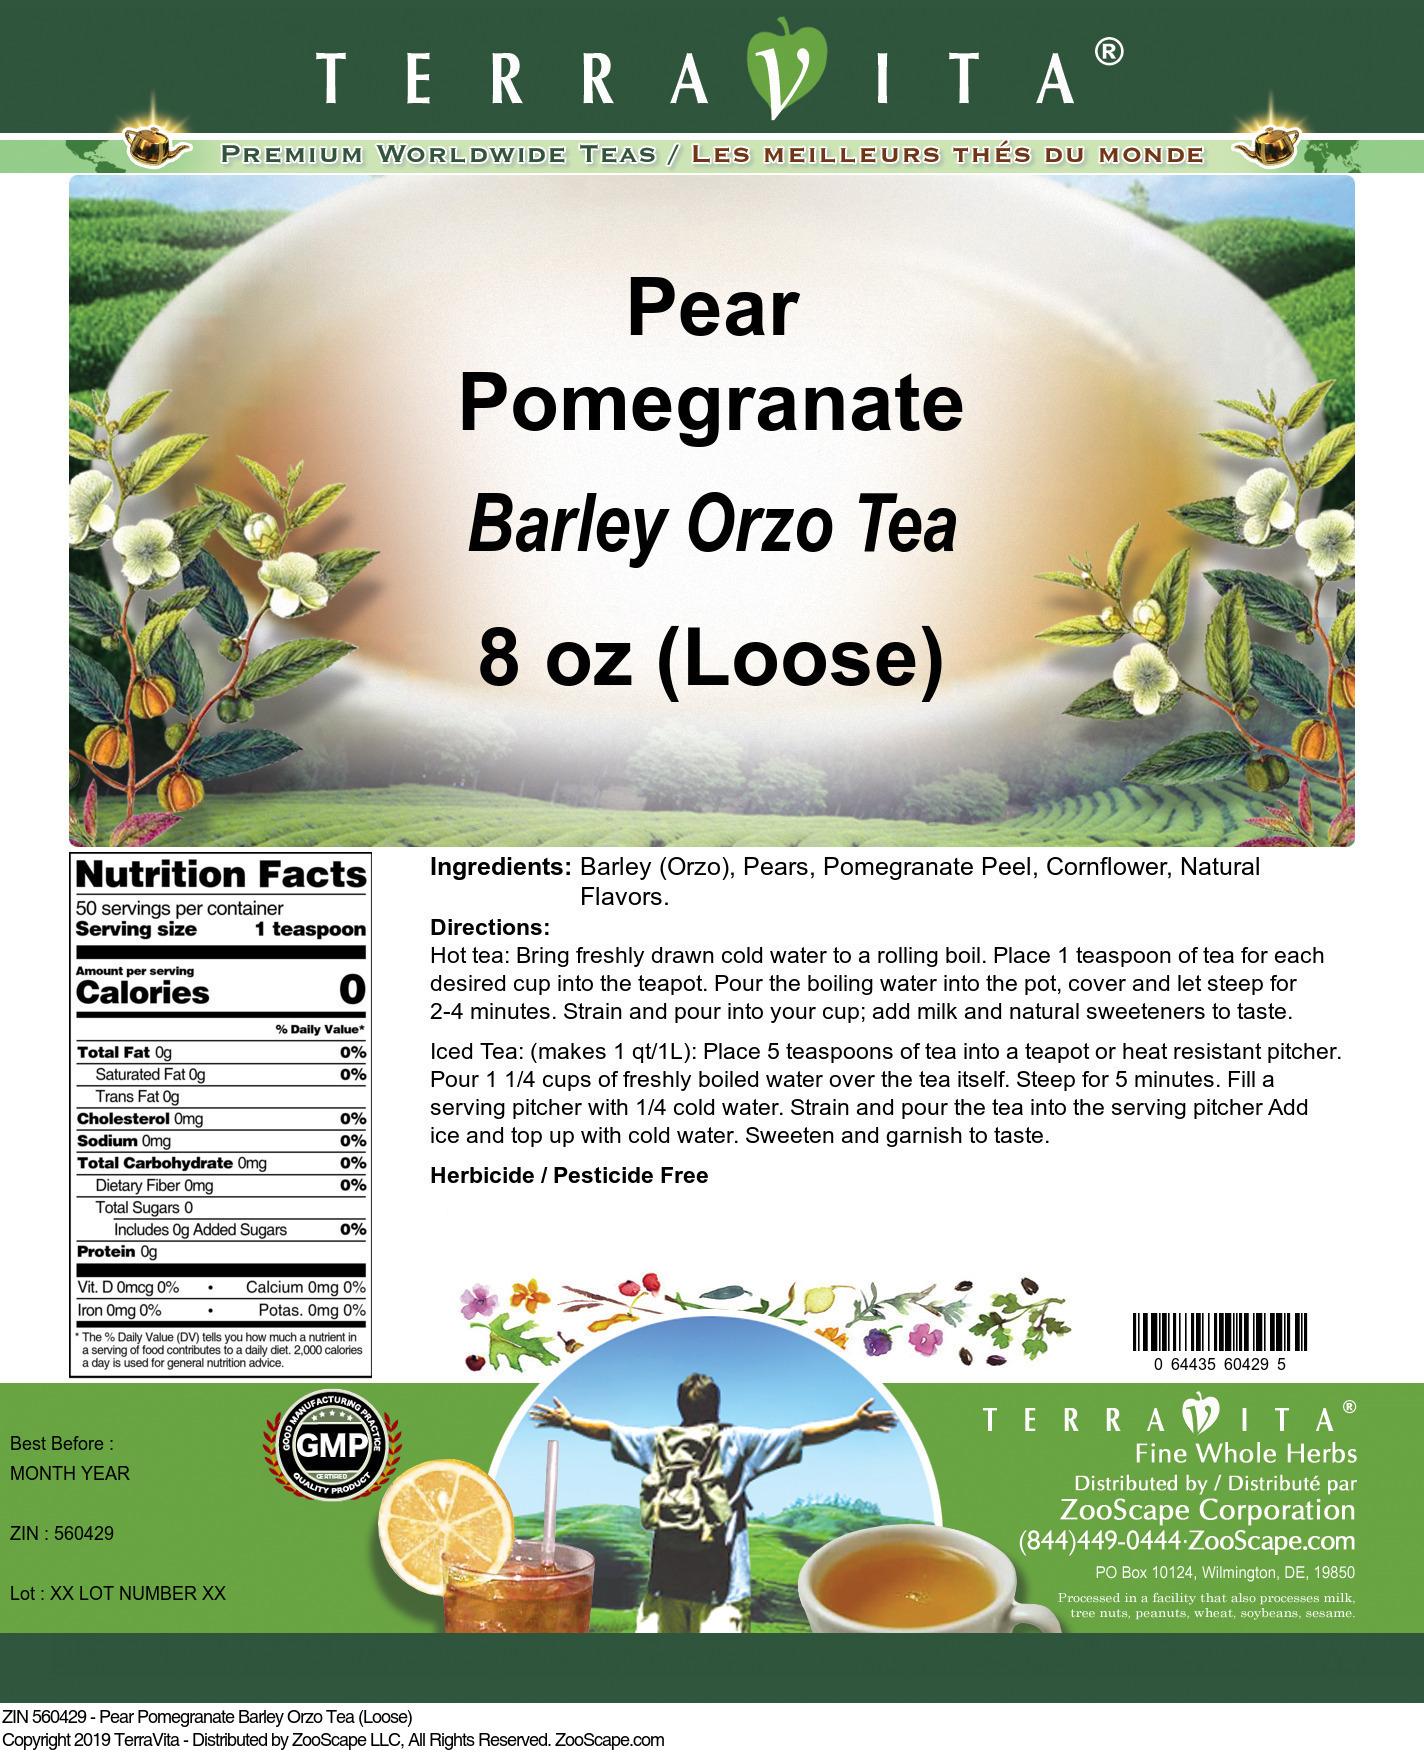 Pear Pomegranate Barley Orzo Tea (Loose)